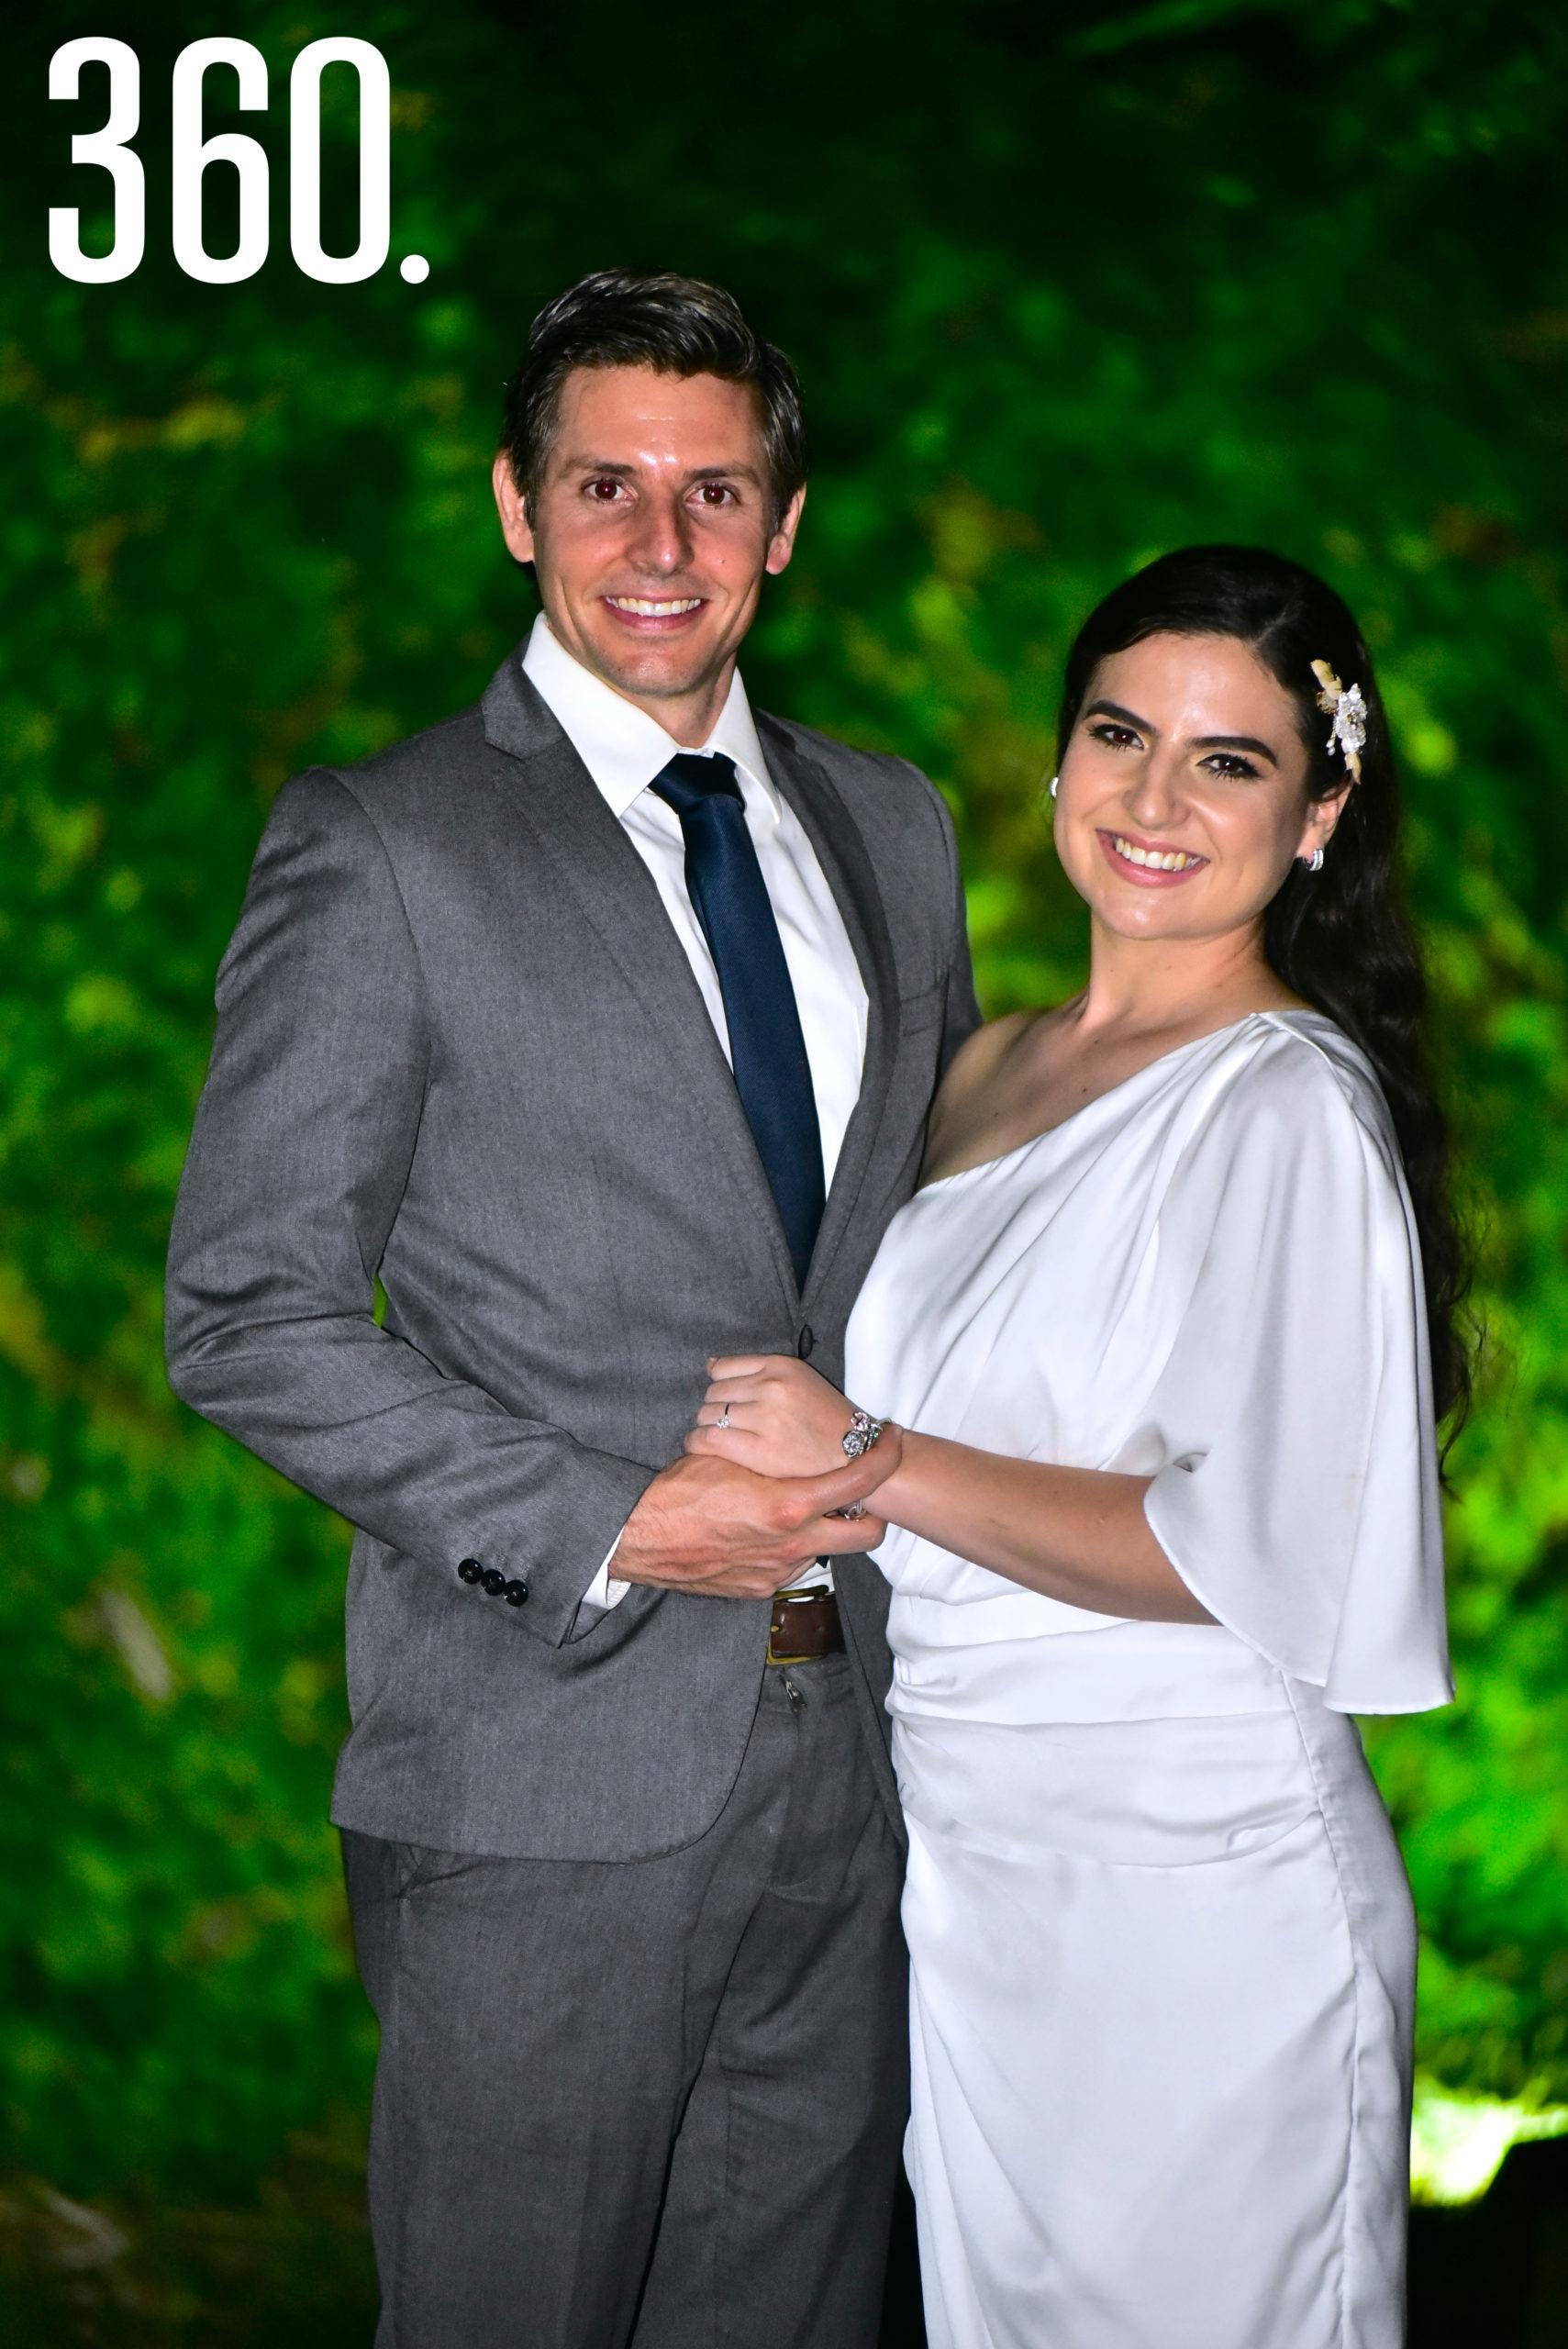 Ana Sofía Saucedo Orta y Gerardo Camacho Sánchez.